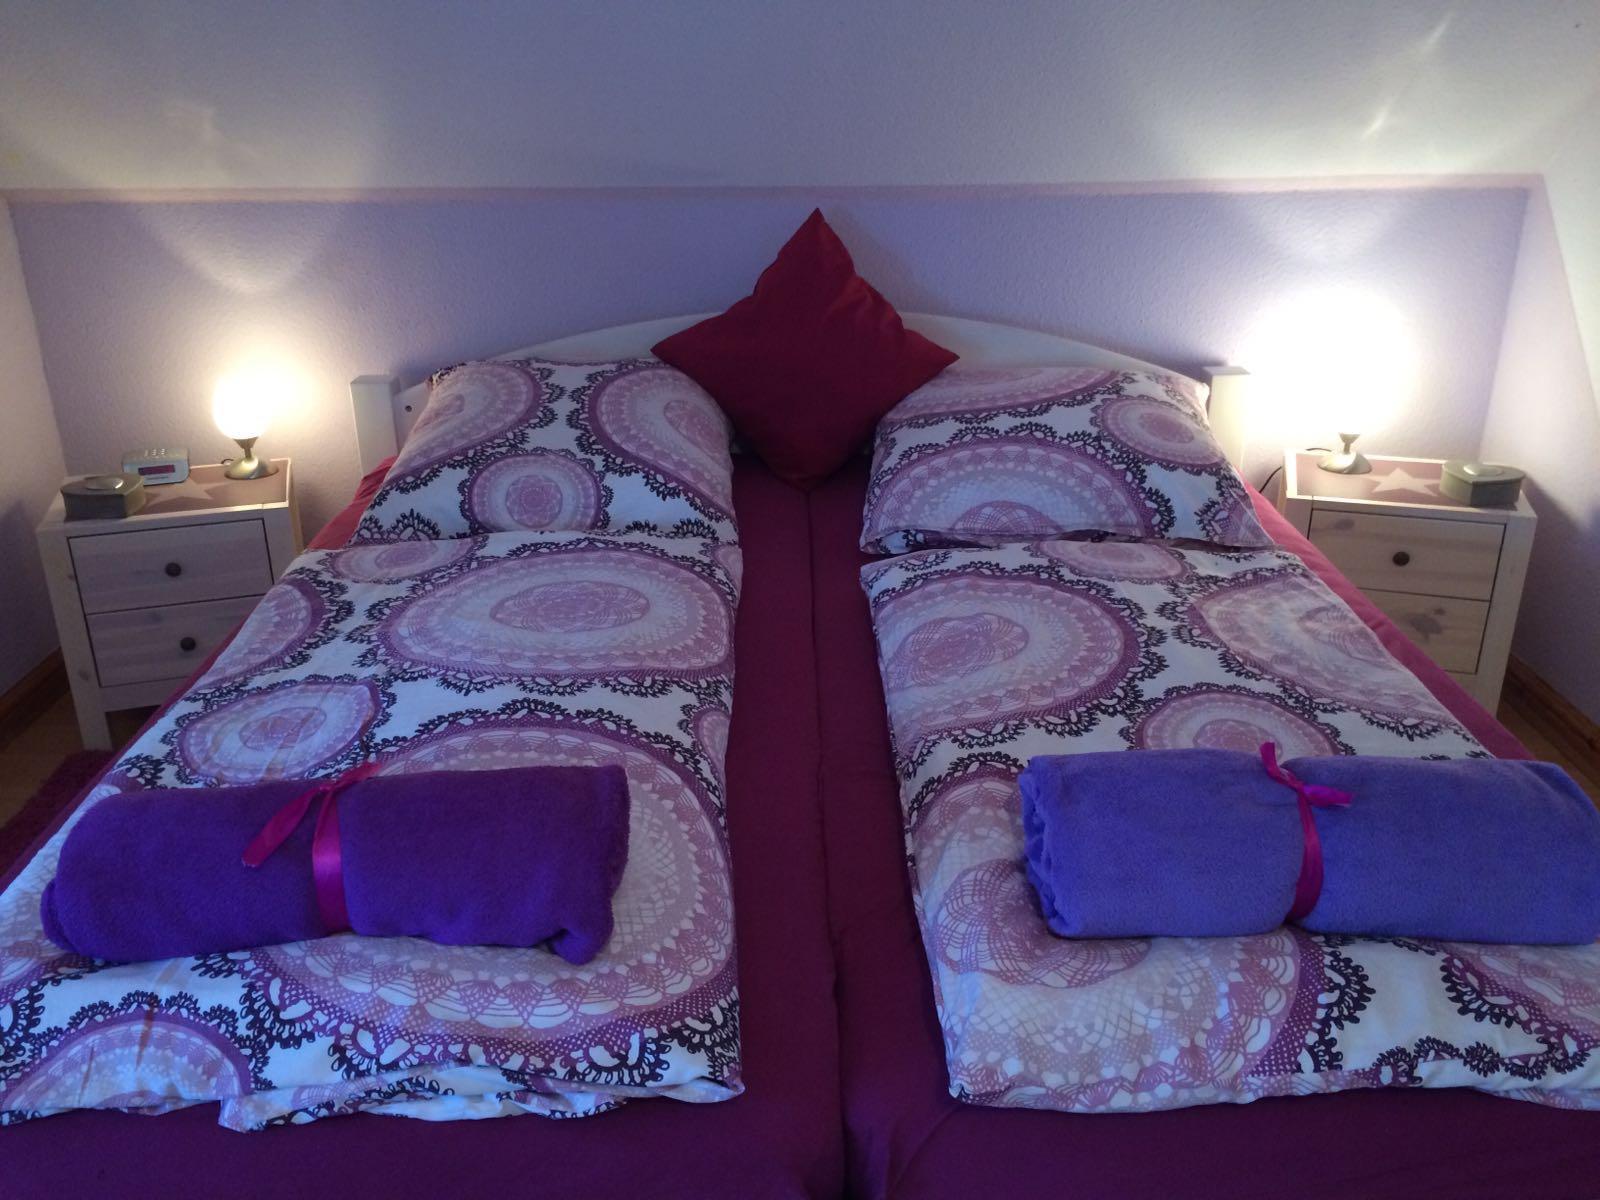 Haus Friesenglück in Kolkerheide, Nordfriesland – Ferienwohnungen und Ferienapartments – Ferienapartment 4 (purple) – Innenansicht 4